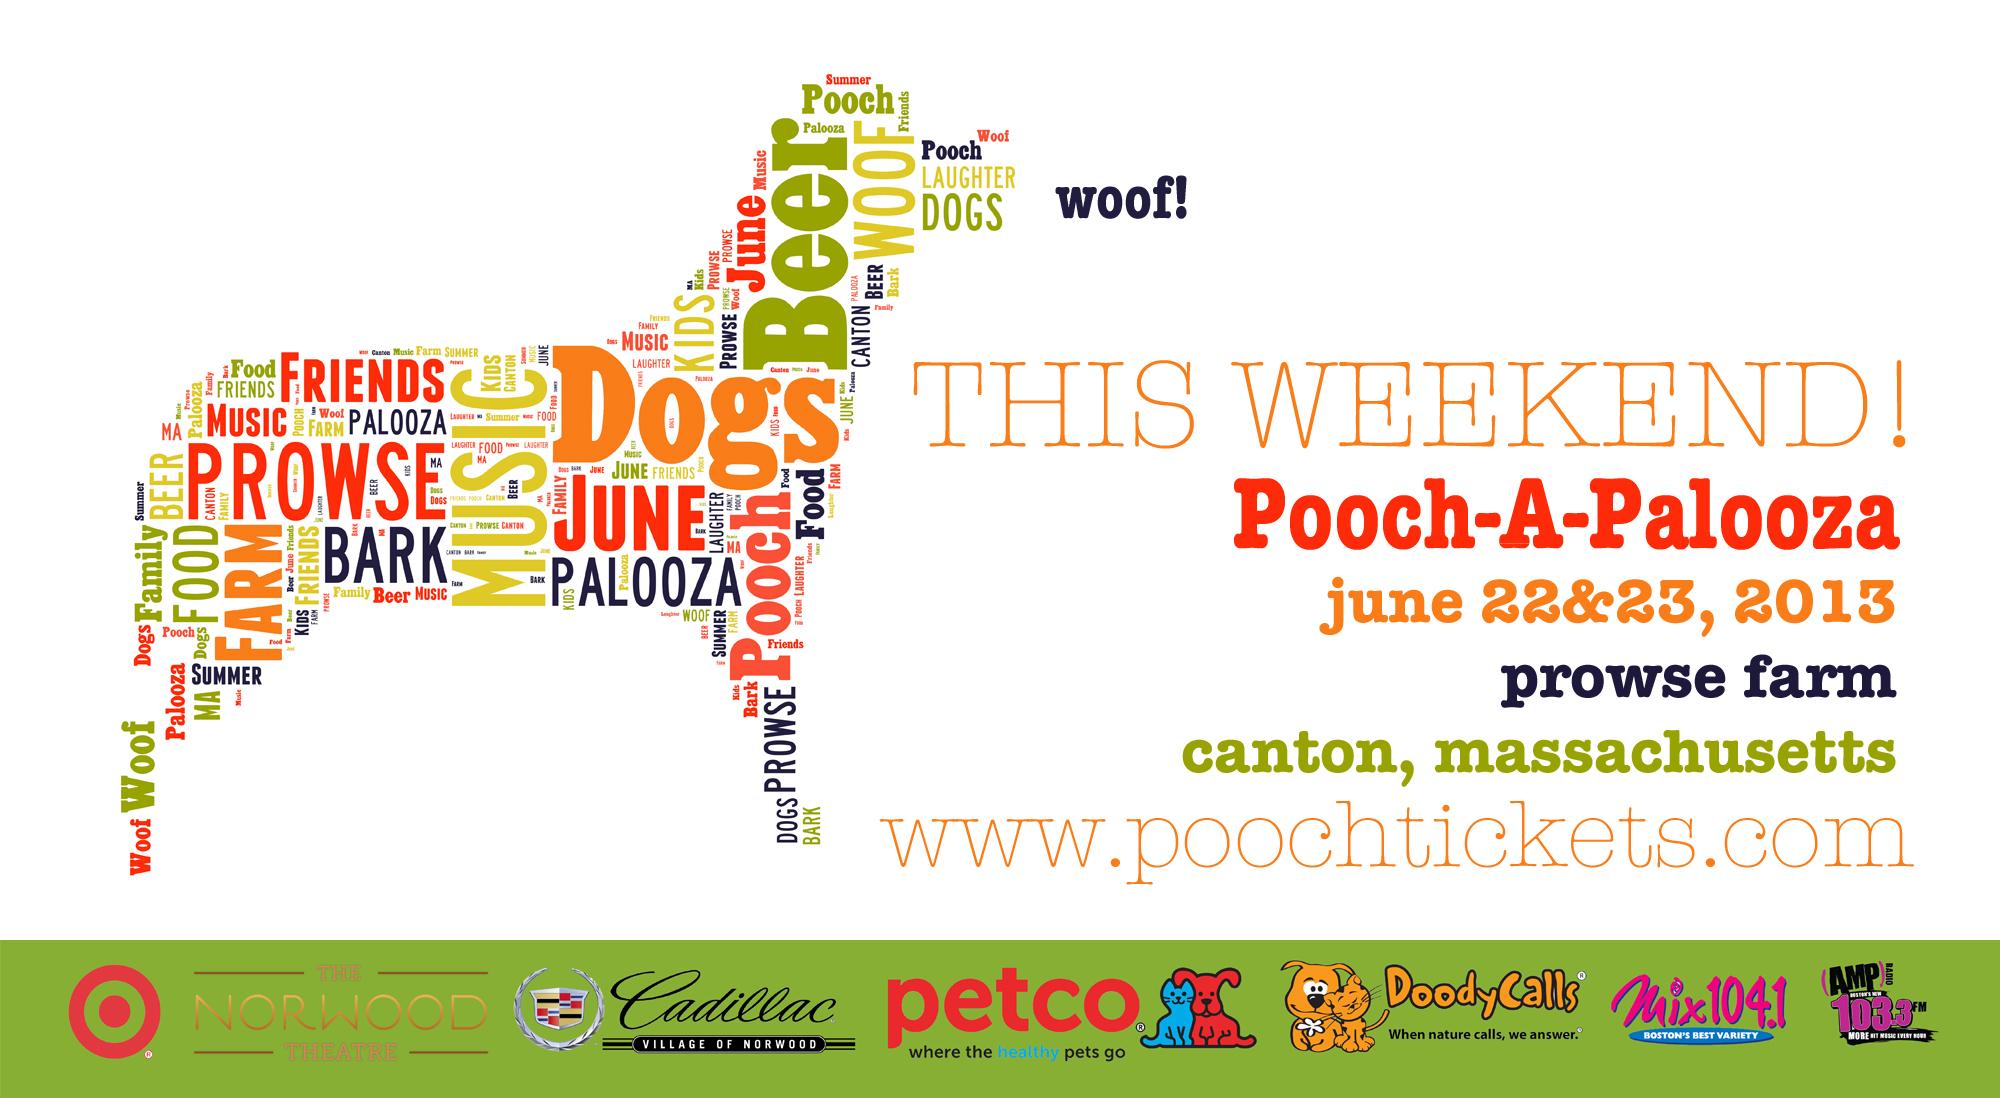 PoochSocialMedia-2.jpg